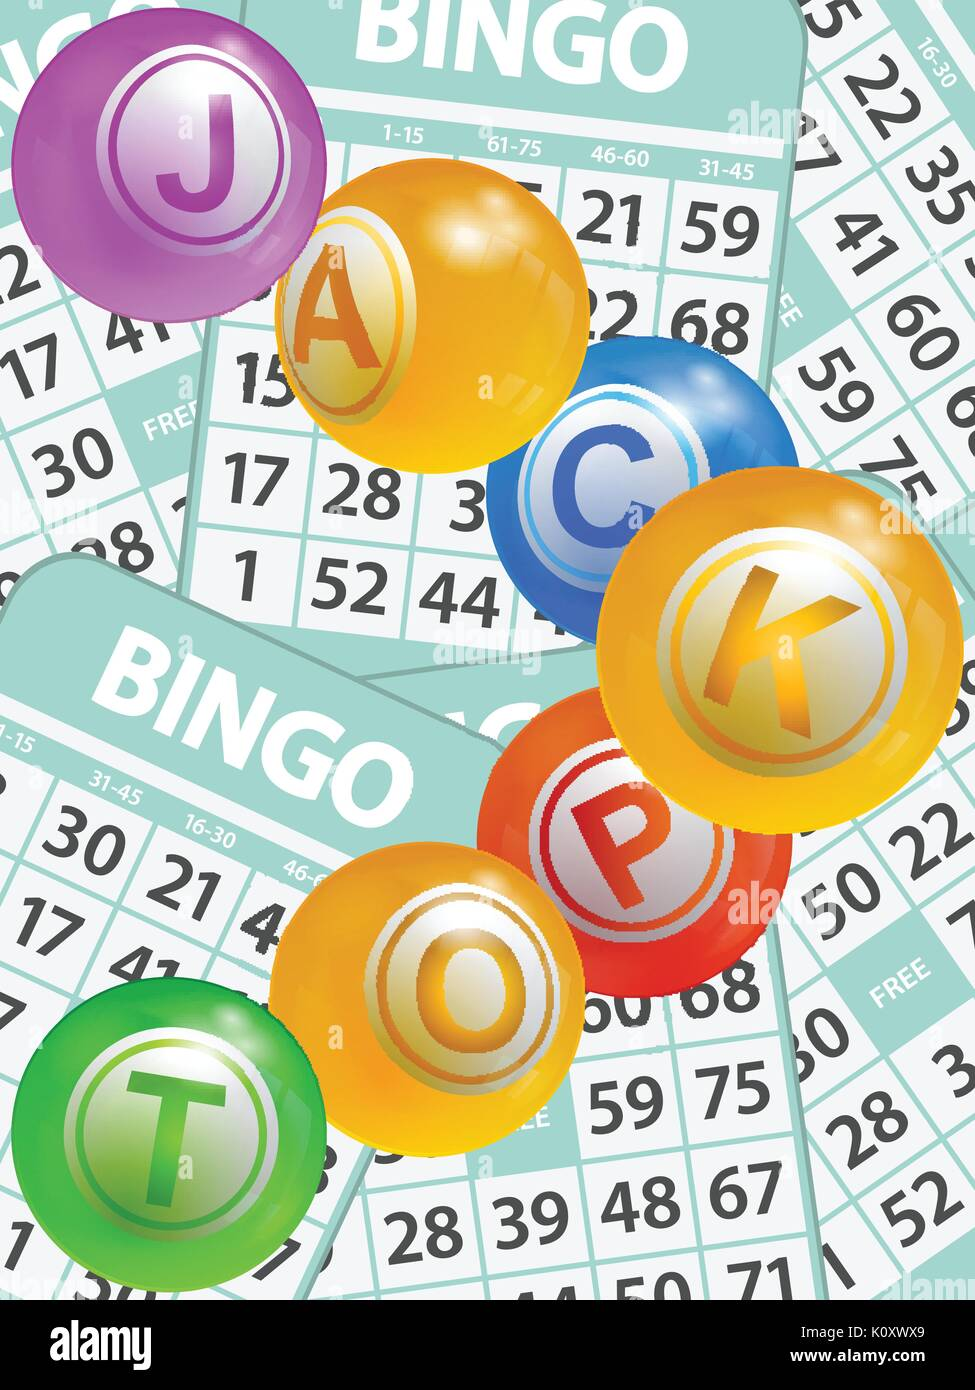 Lottoergebnisse